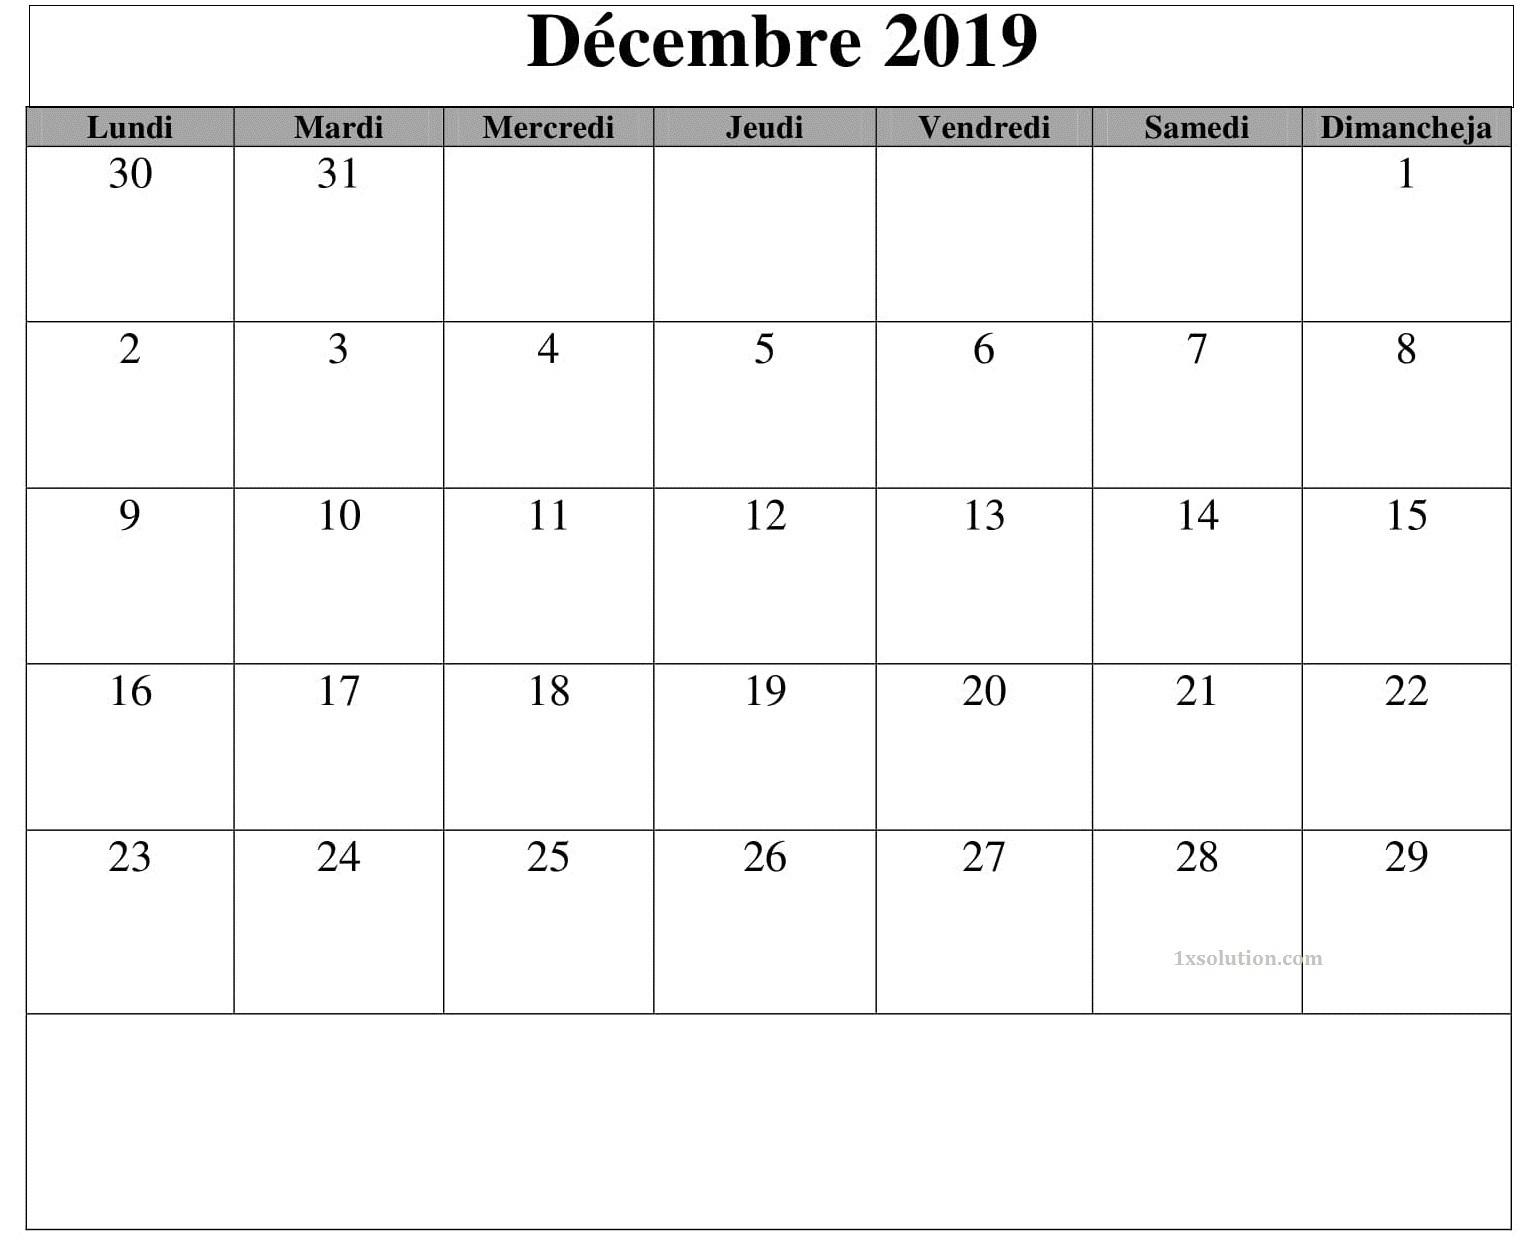 Calendrier Décembre 2019 PDF, Excel